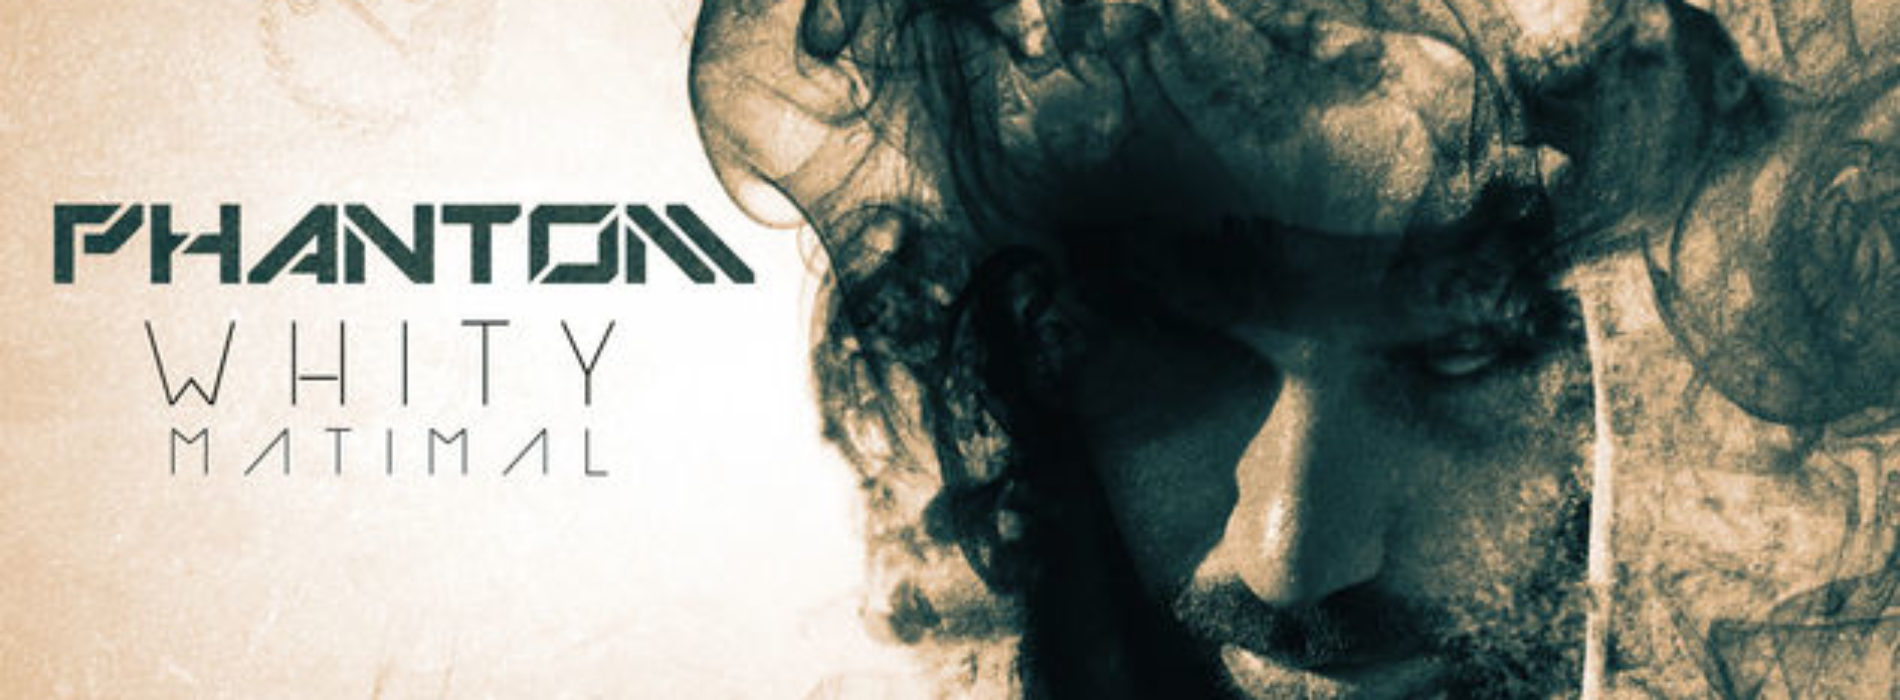 Whity Matimal – J'réponds pas [ ALBUM – Prod by Toffi ] – Février 2019